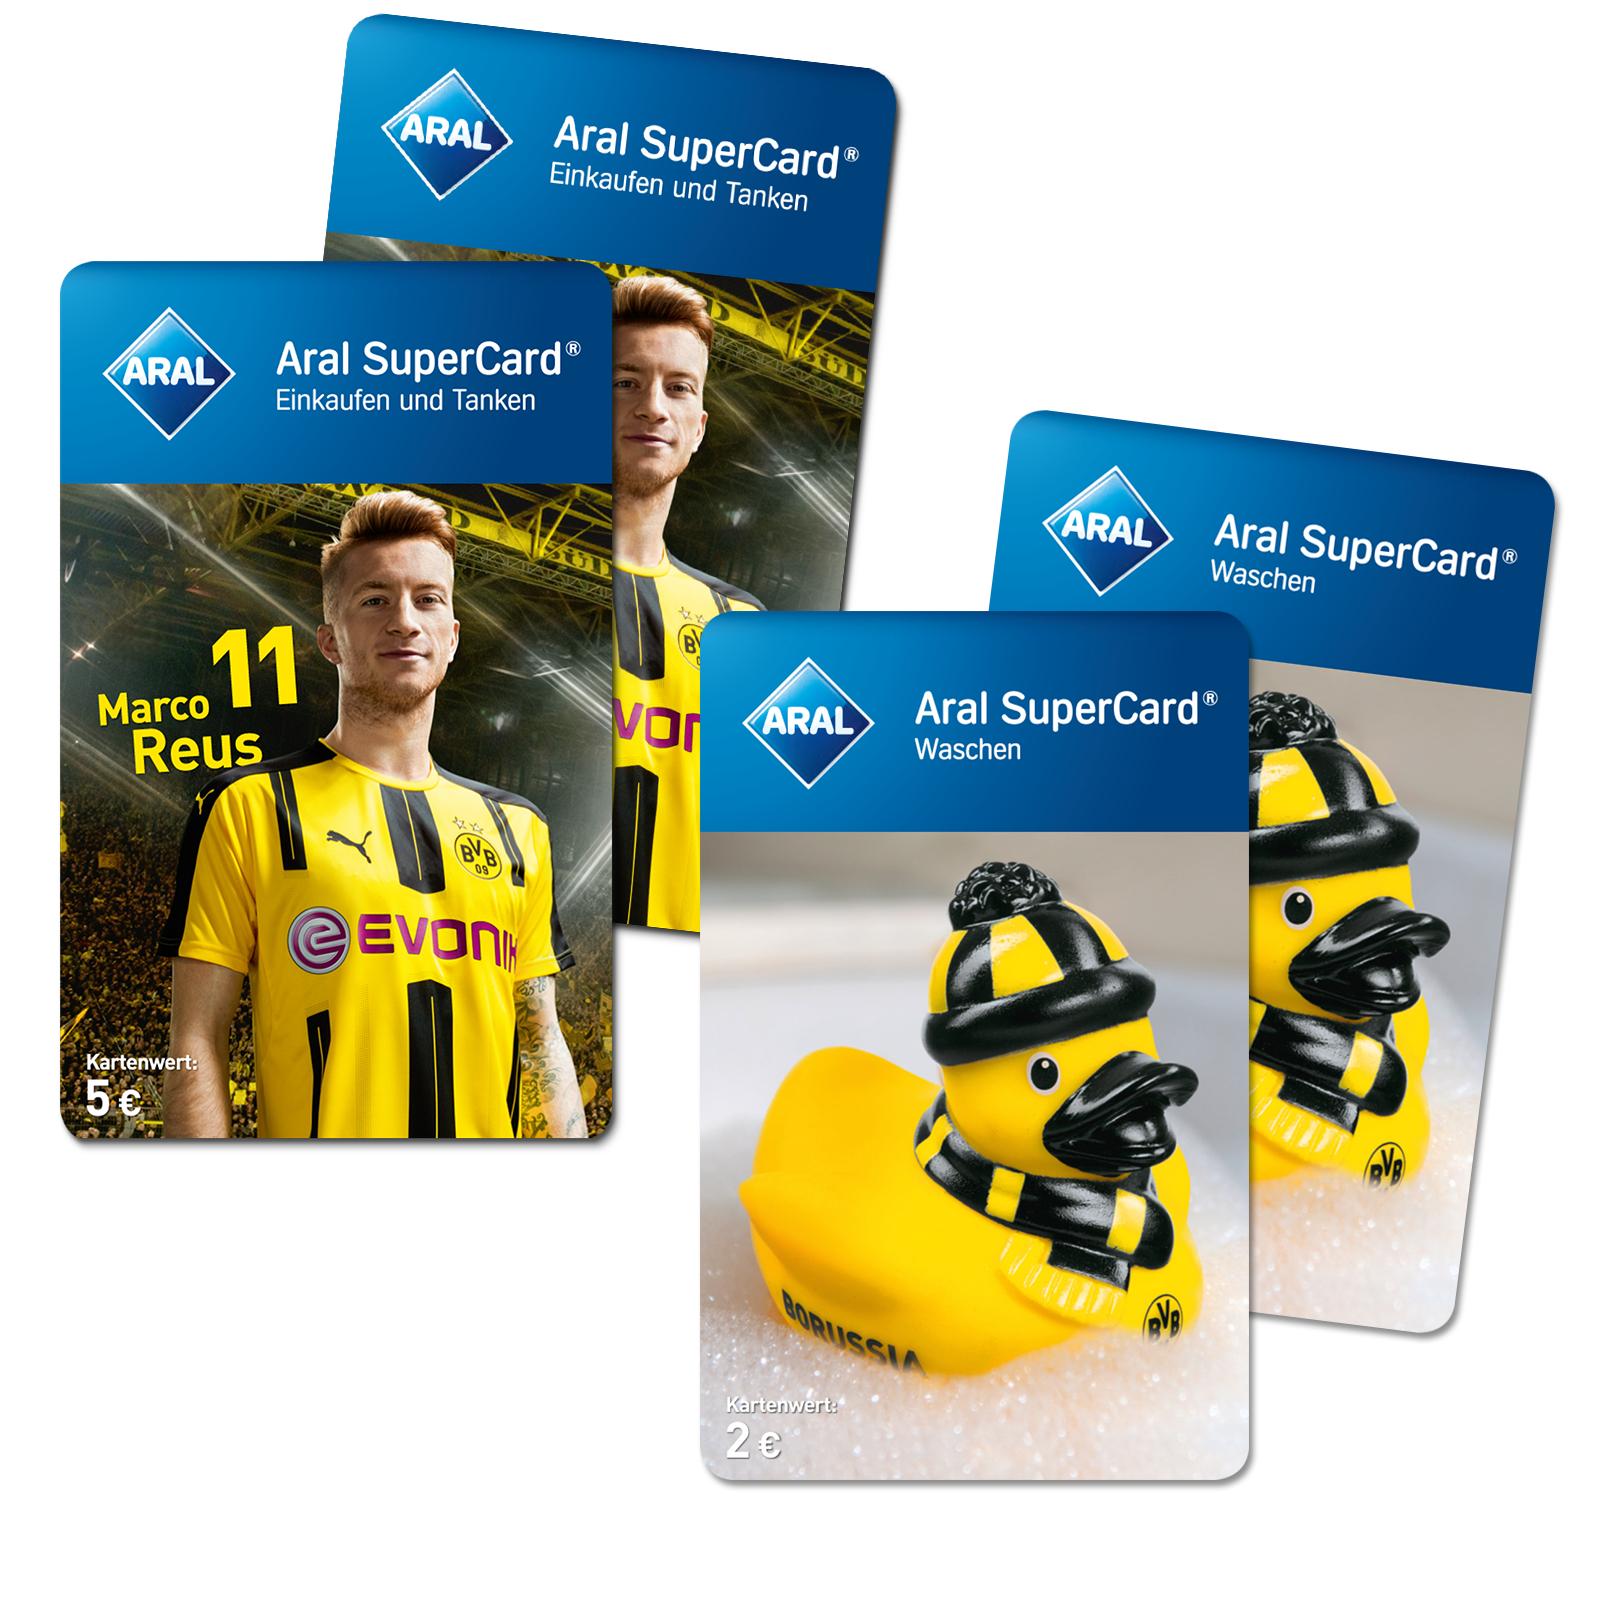 Aral Supercard 2x5€ Tankkarten kaufen, 2x2€ Waschkarten gratis